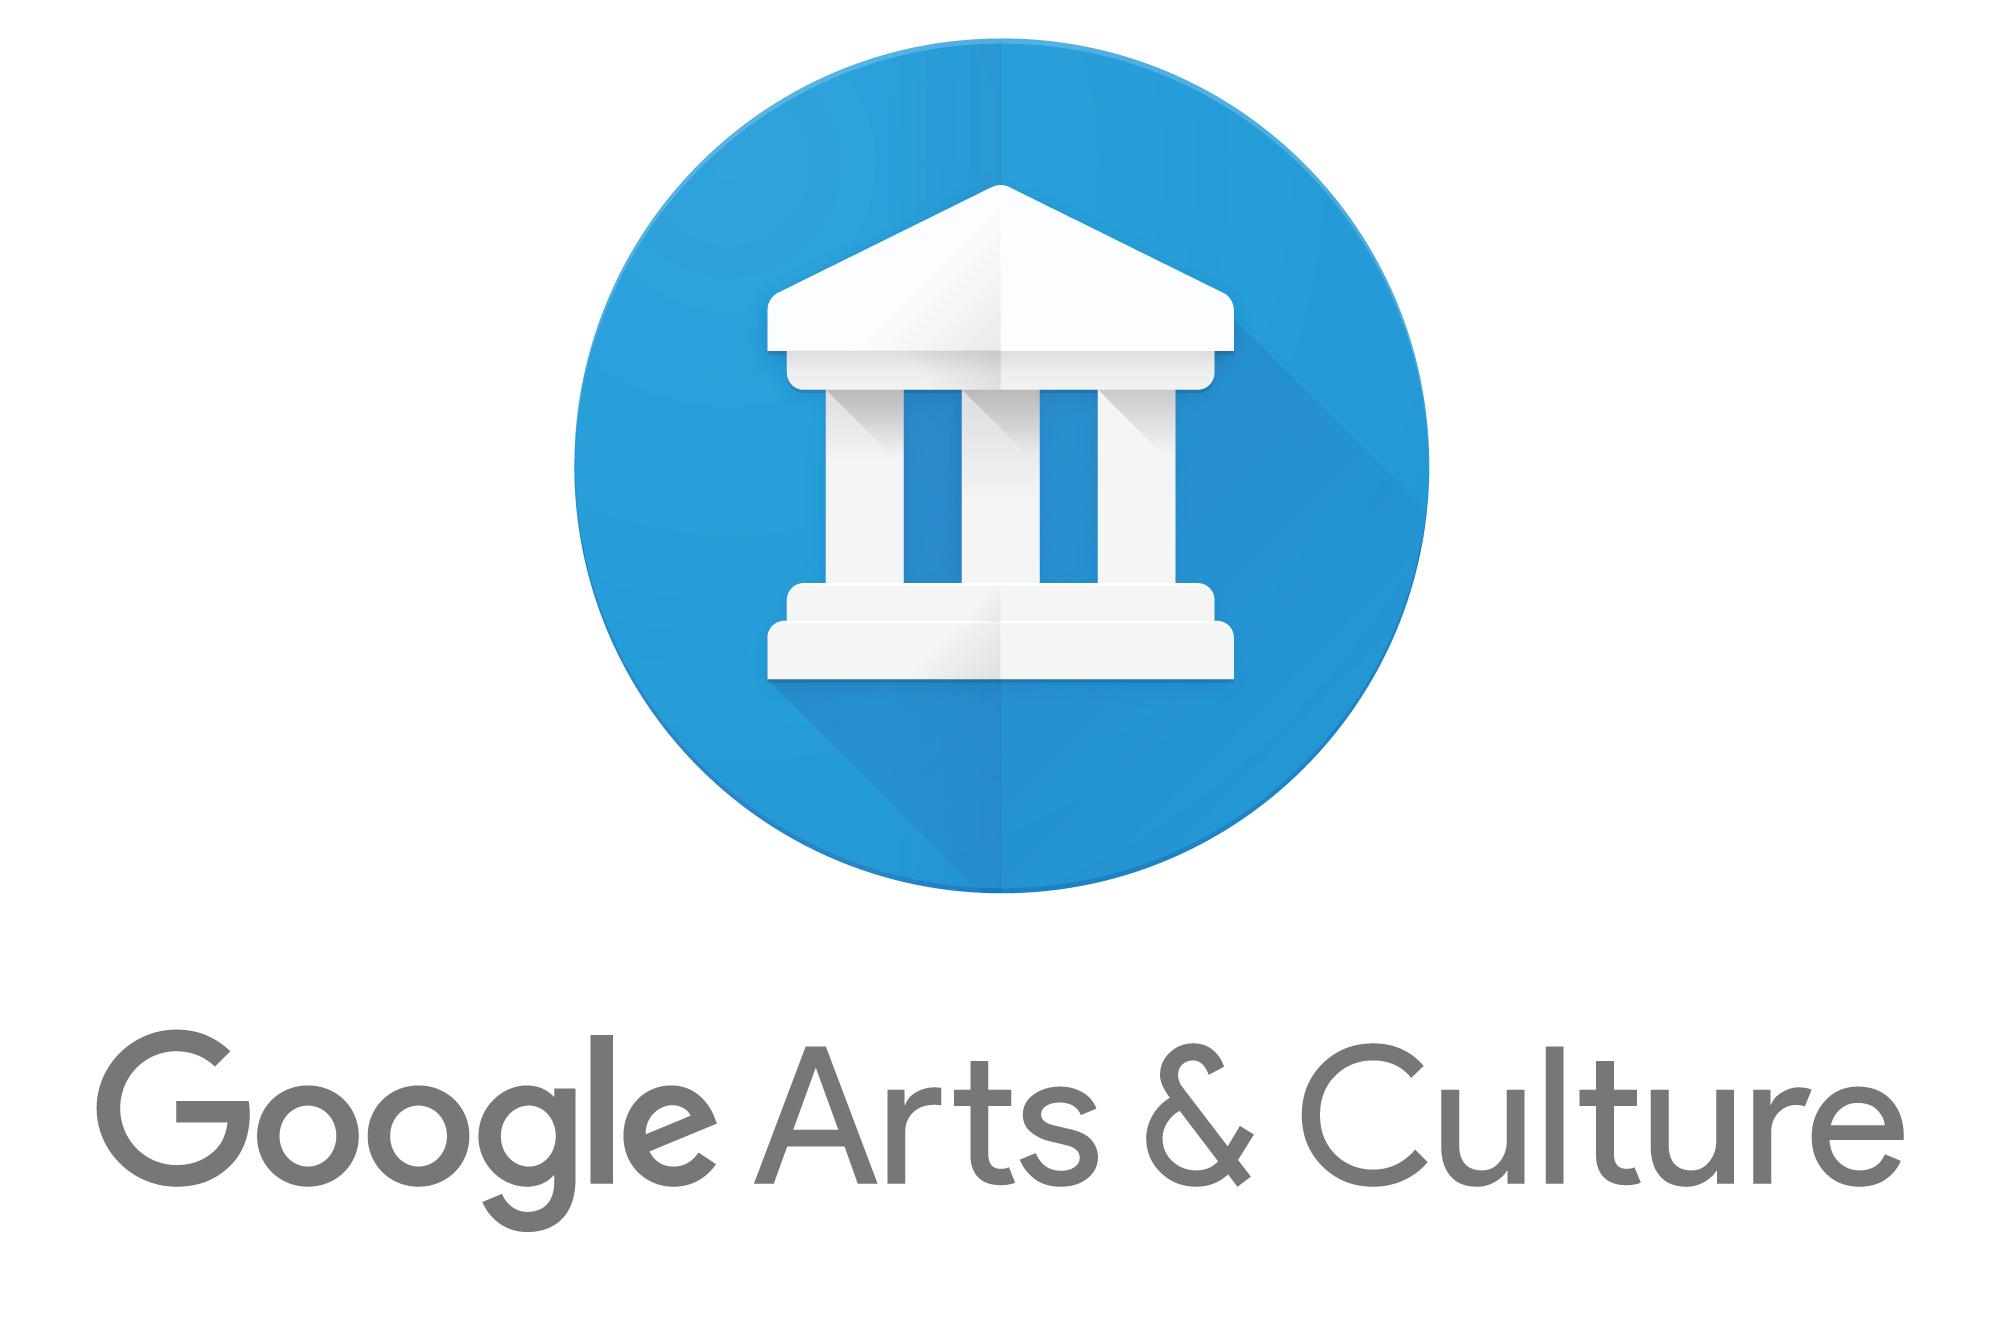 Das Logo Google Arts and Culture Initiative